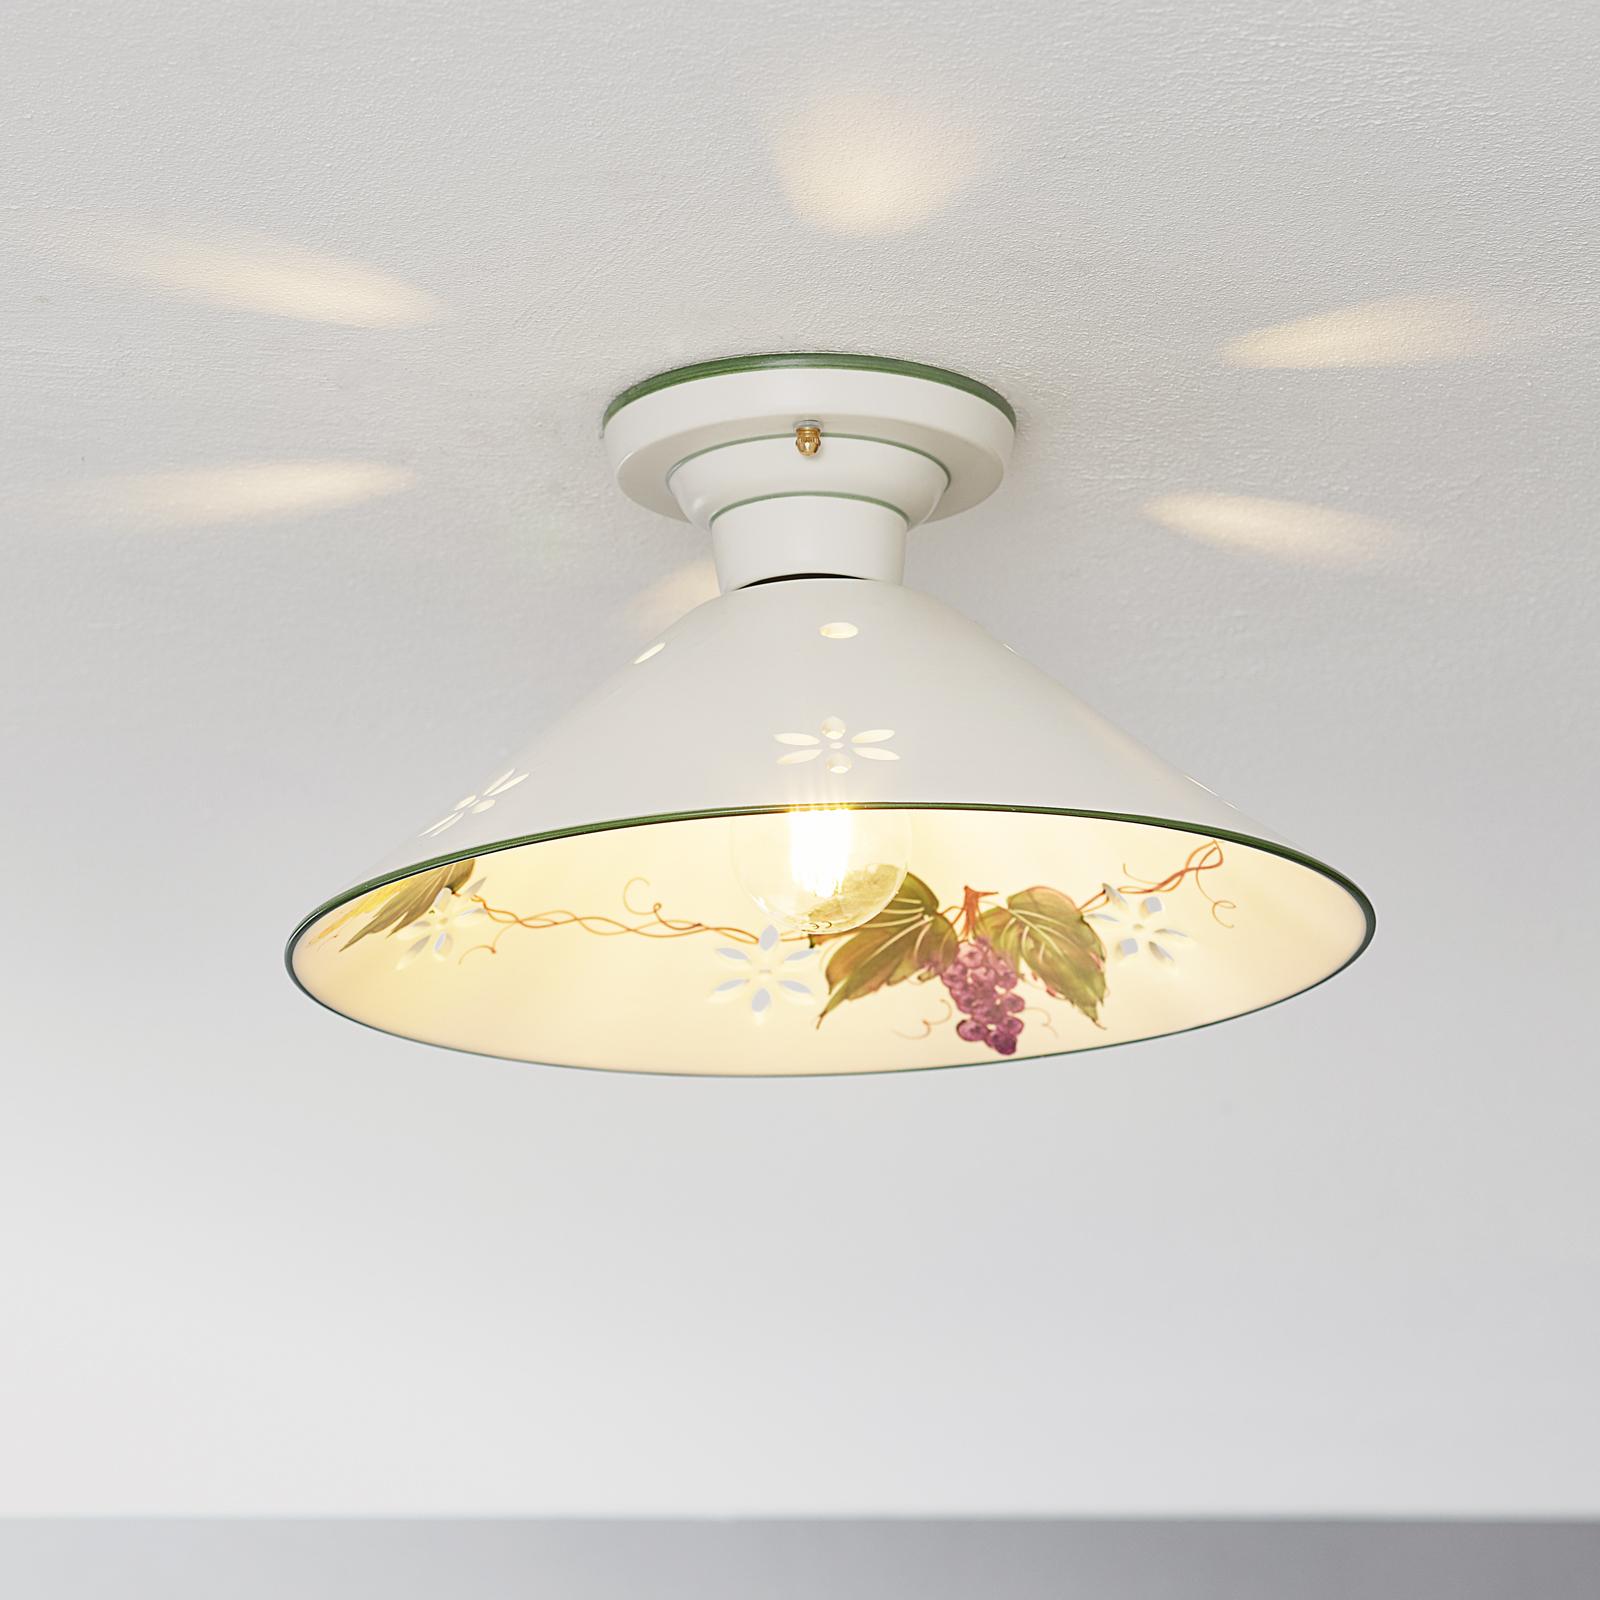 Ceramiczna lampa sufitowa VIGNA z kwiatowym wzorem